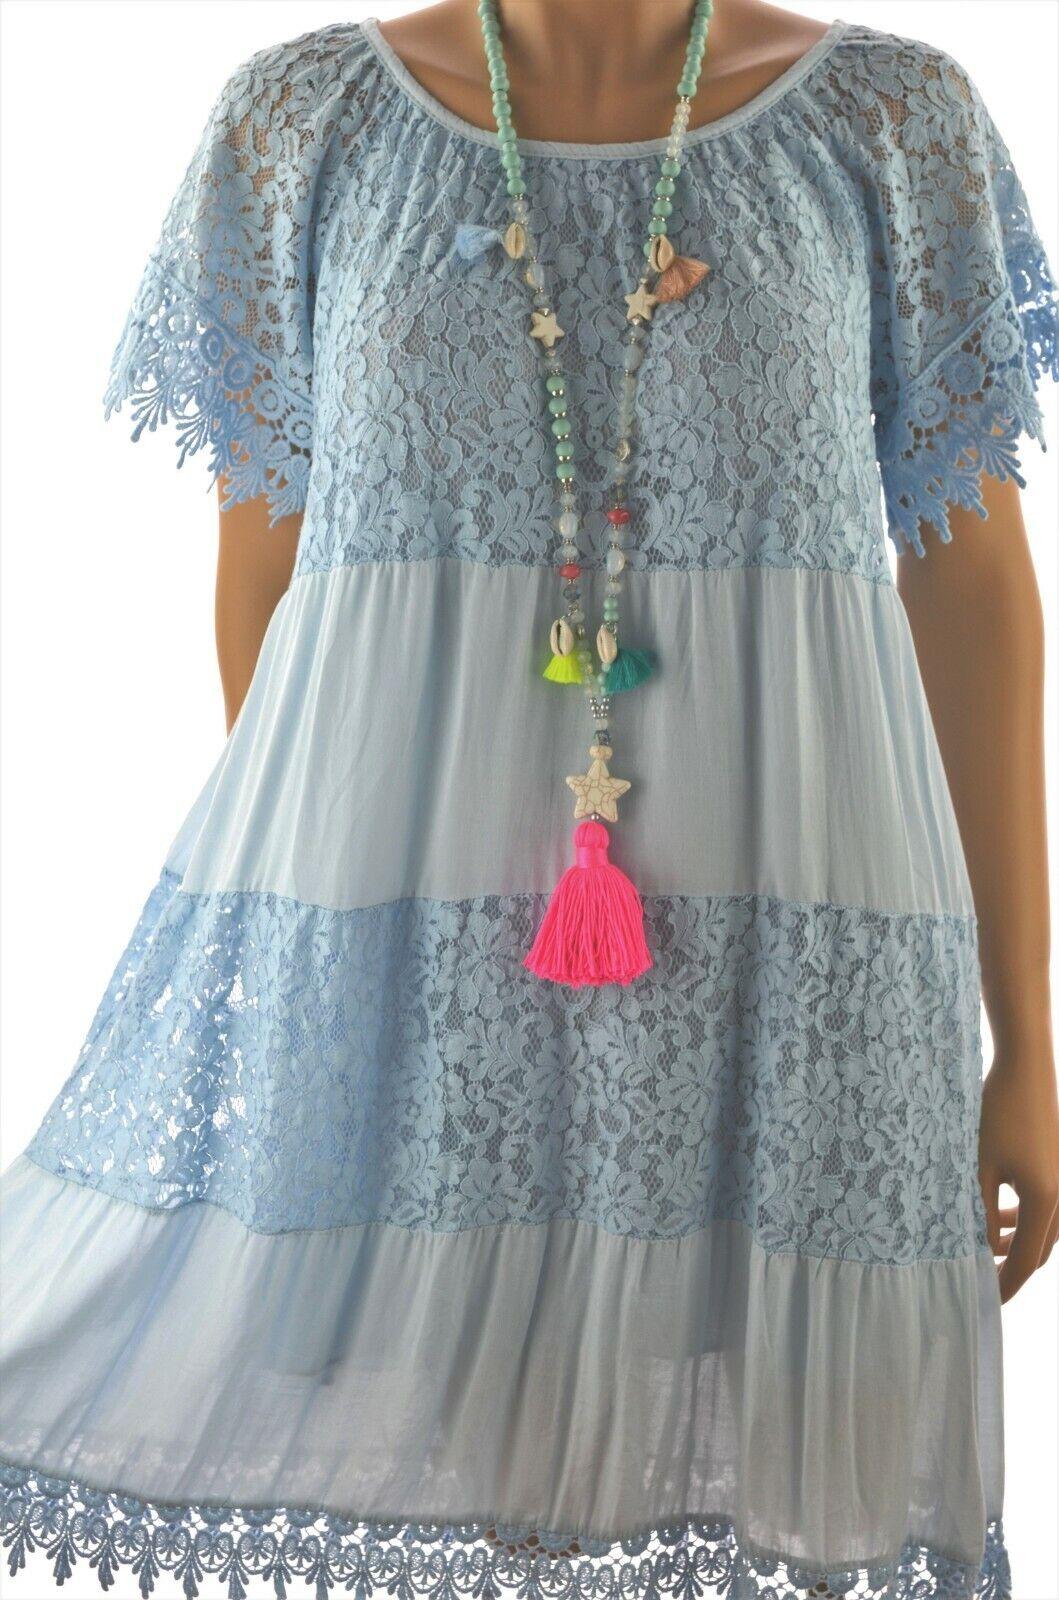 ITALY Sommerkleid Ibiza Kleid mit viel Spitze Stufenkleid Hellblau  A-Linie NEU